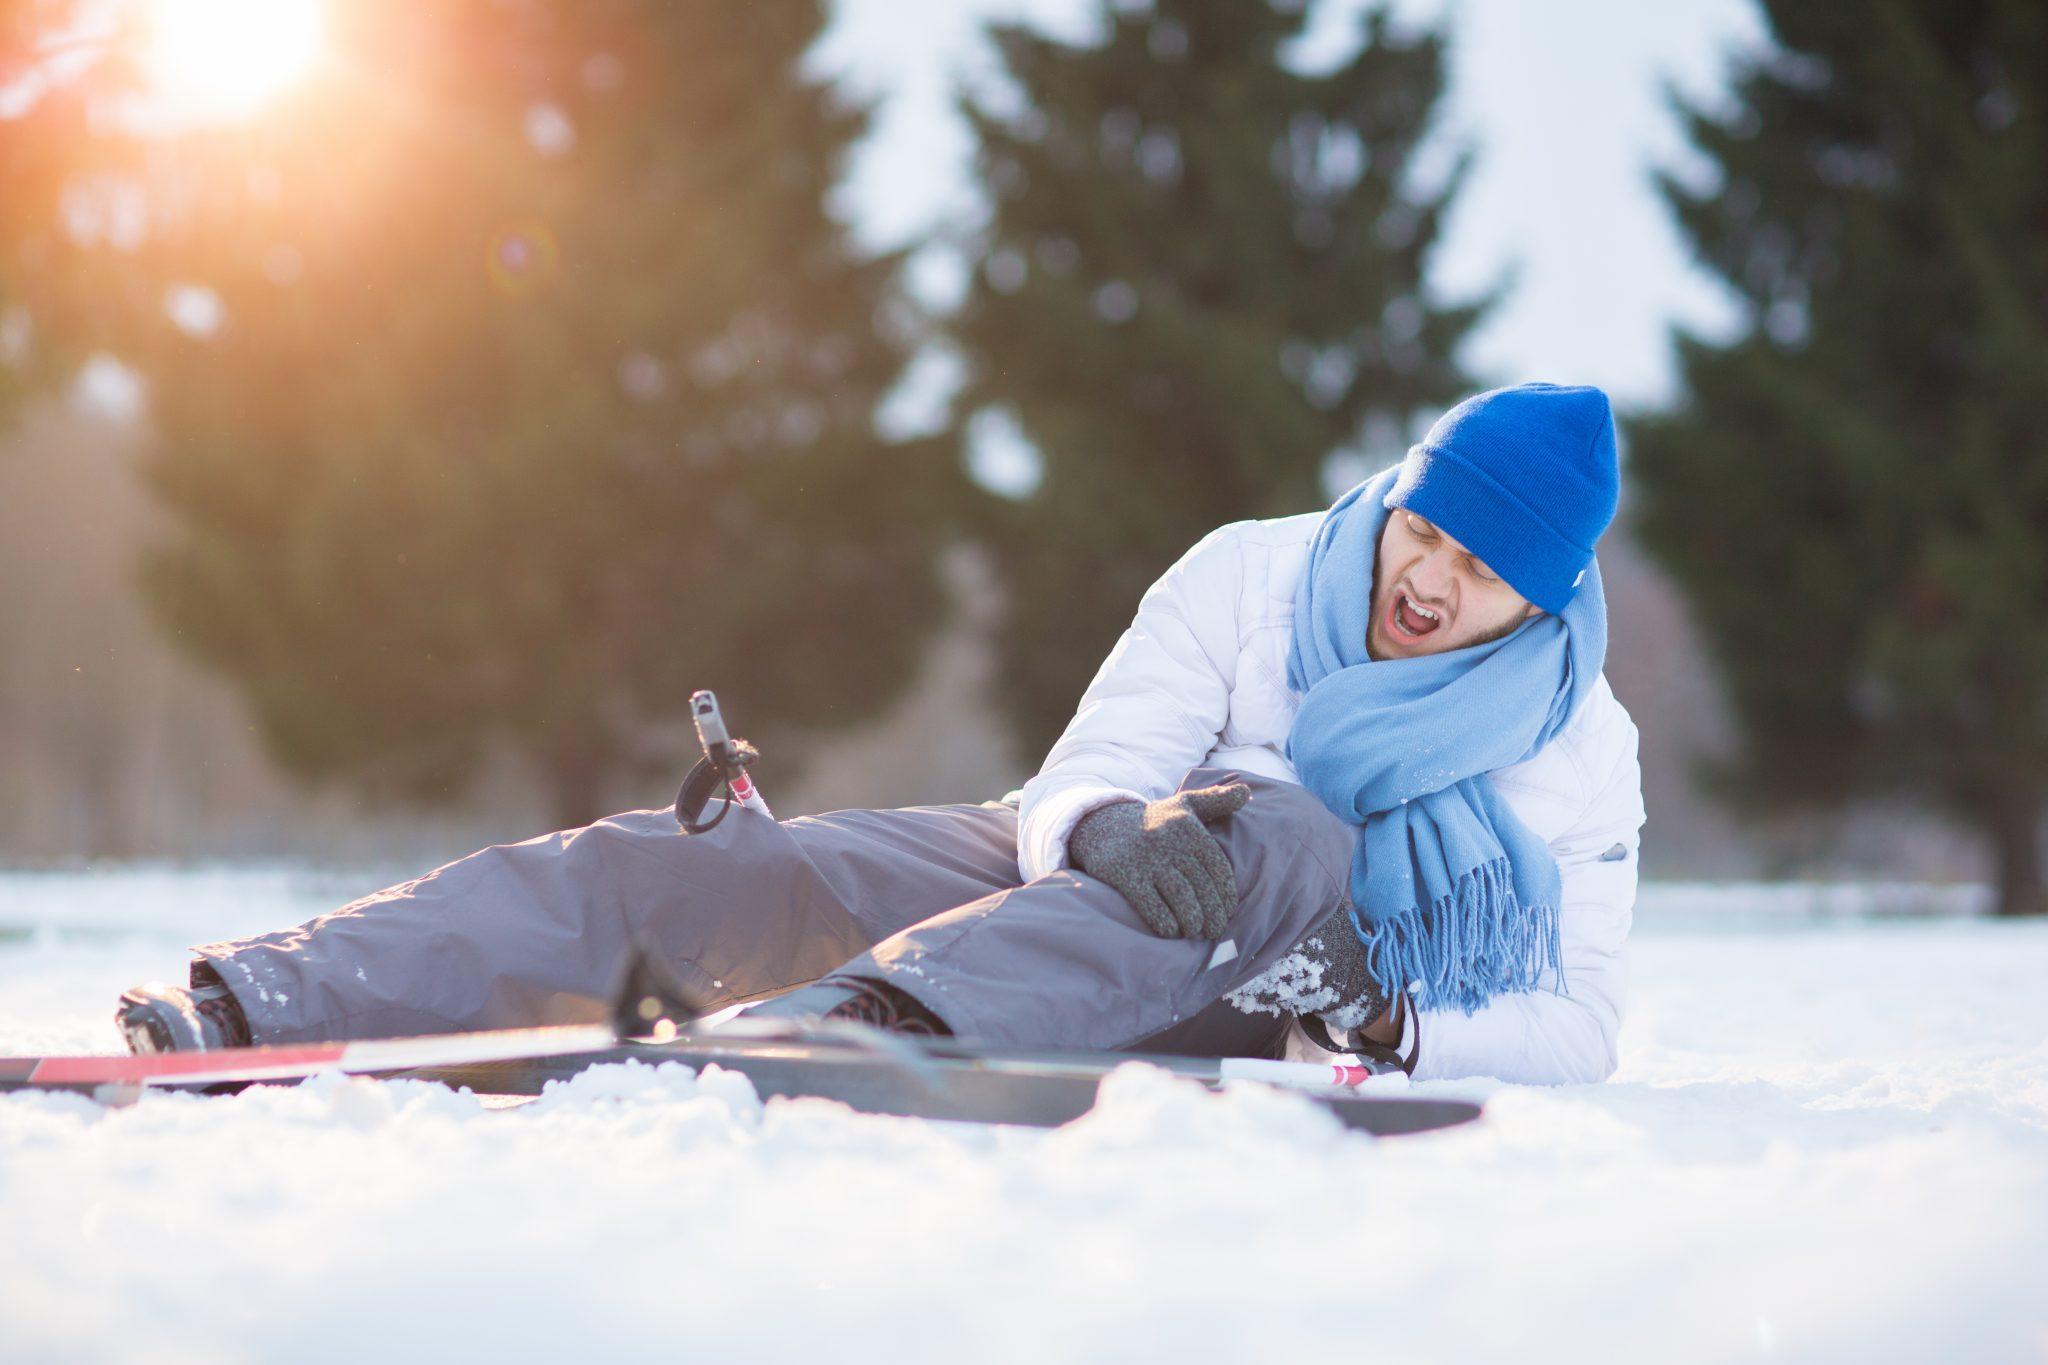 Narciarz leży na śniegu i krzyczy z bólu i trzyma ręce na bolącym kolanie